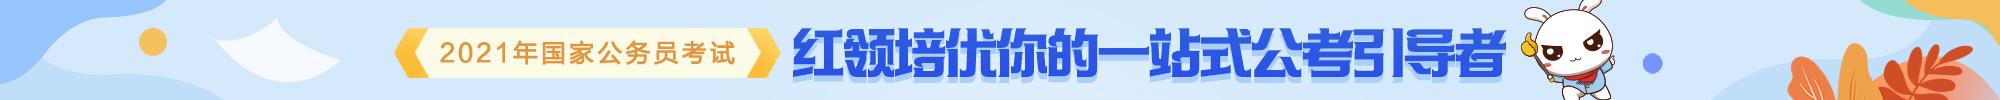 2020浙江省公务员公告汇总